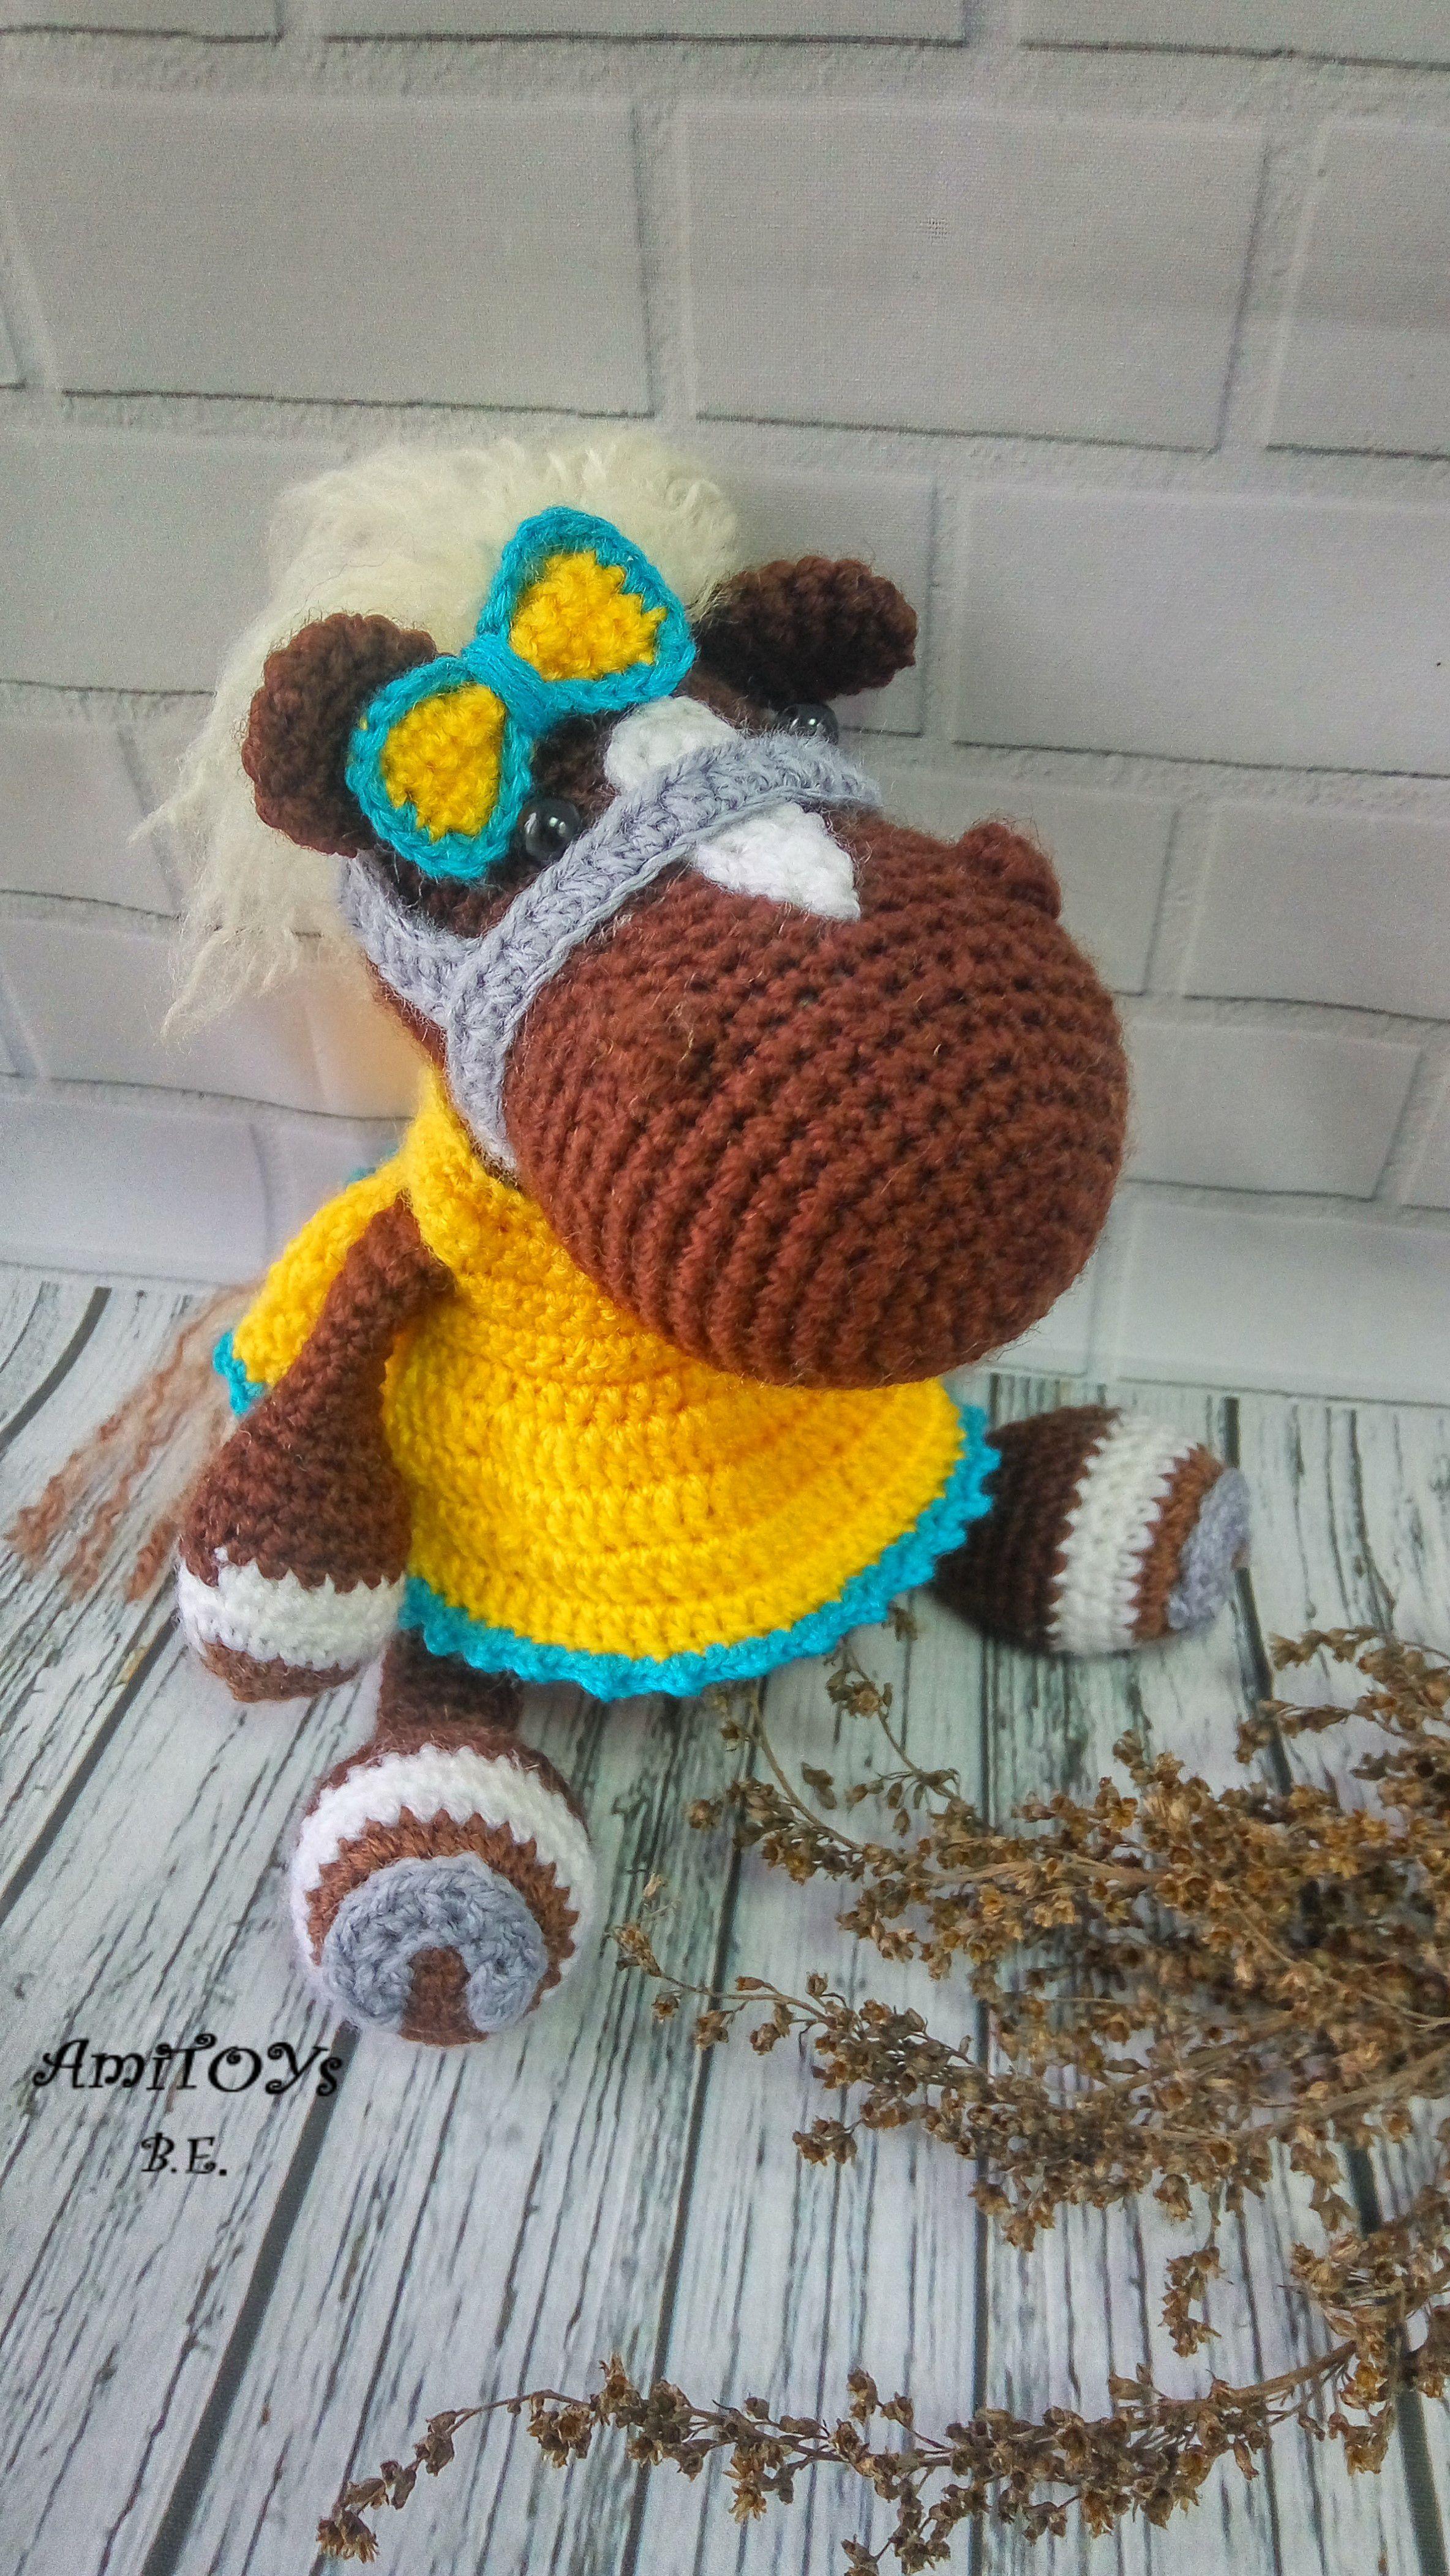 день рождения подарок амигуруми девочки ручная для лошадь handmade мягкая вязаная игрушка работа крючком